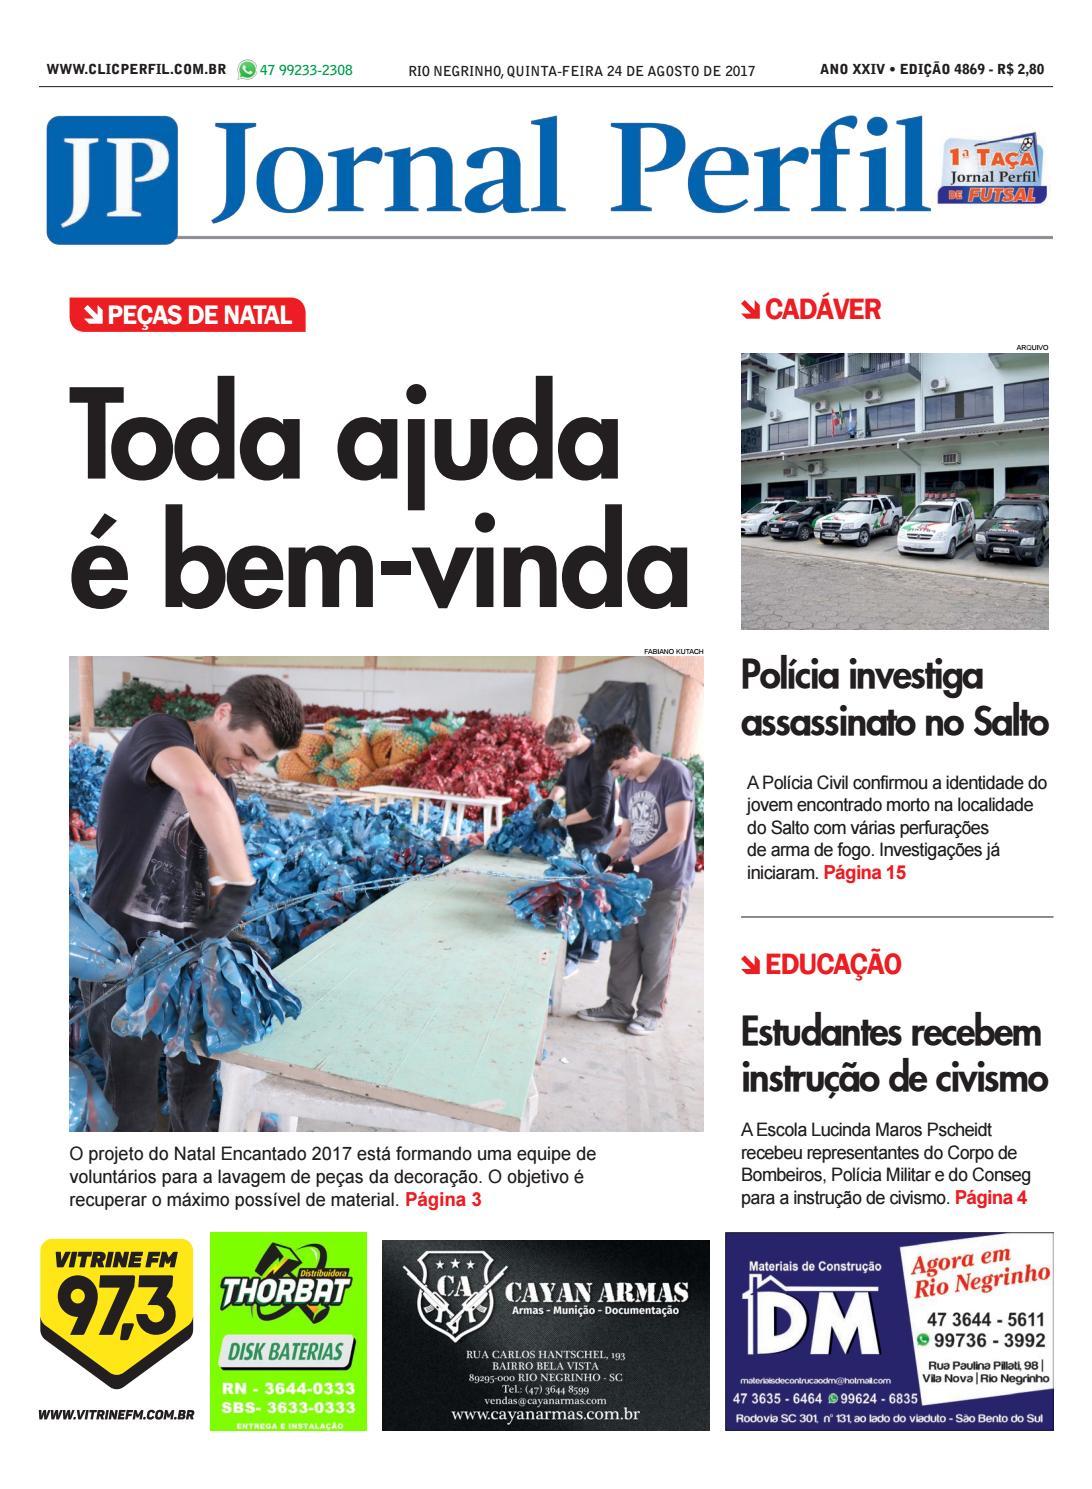 078a74fcb Jornal perfil 24 08 2017 by Jornal Perfil - issuu